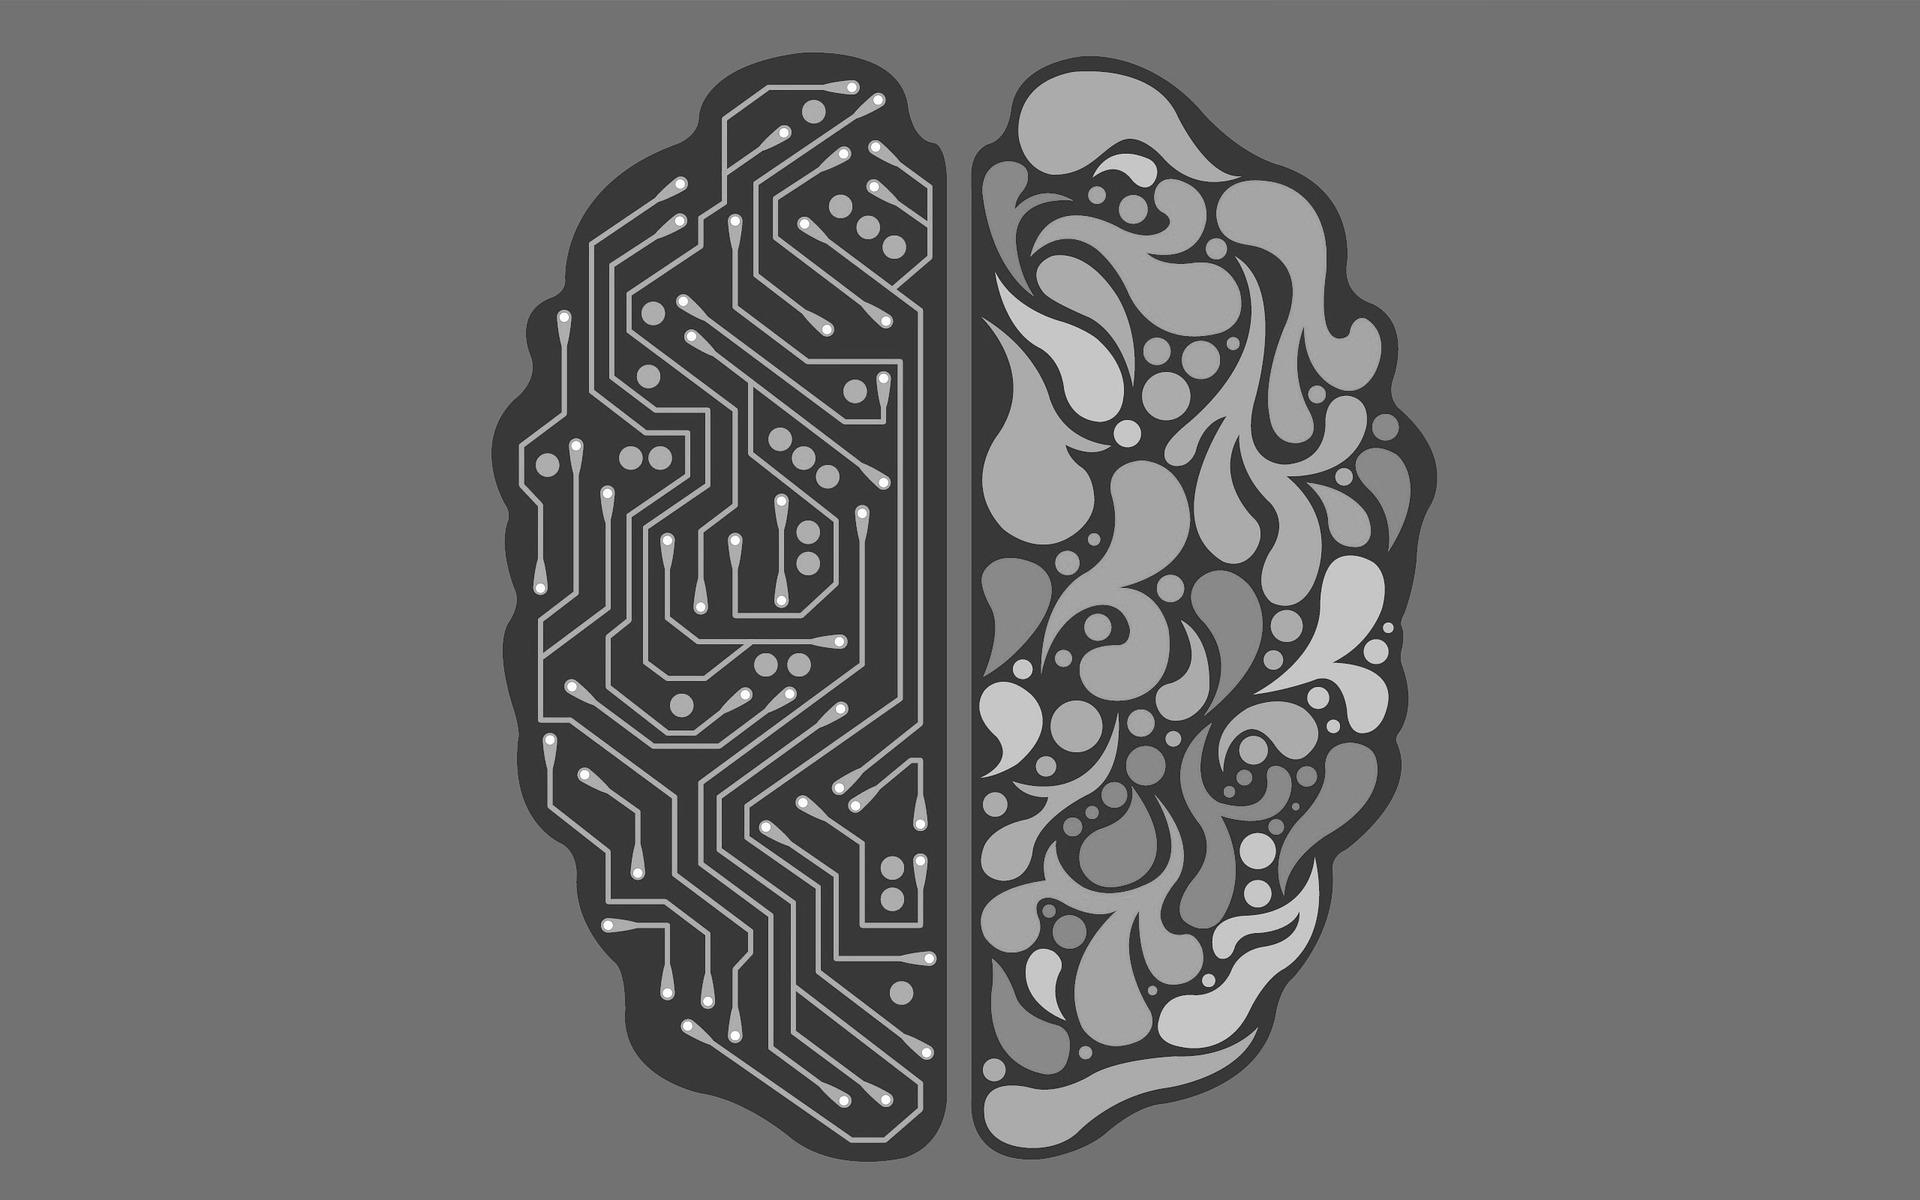 Nat Neurosci:渐冻症和额颞叶痴呆患者中C9ORF72相关的协同致病机制